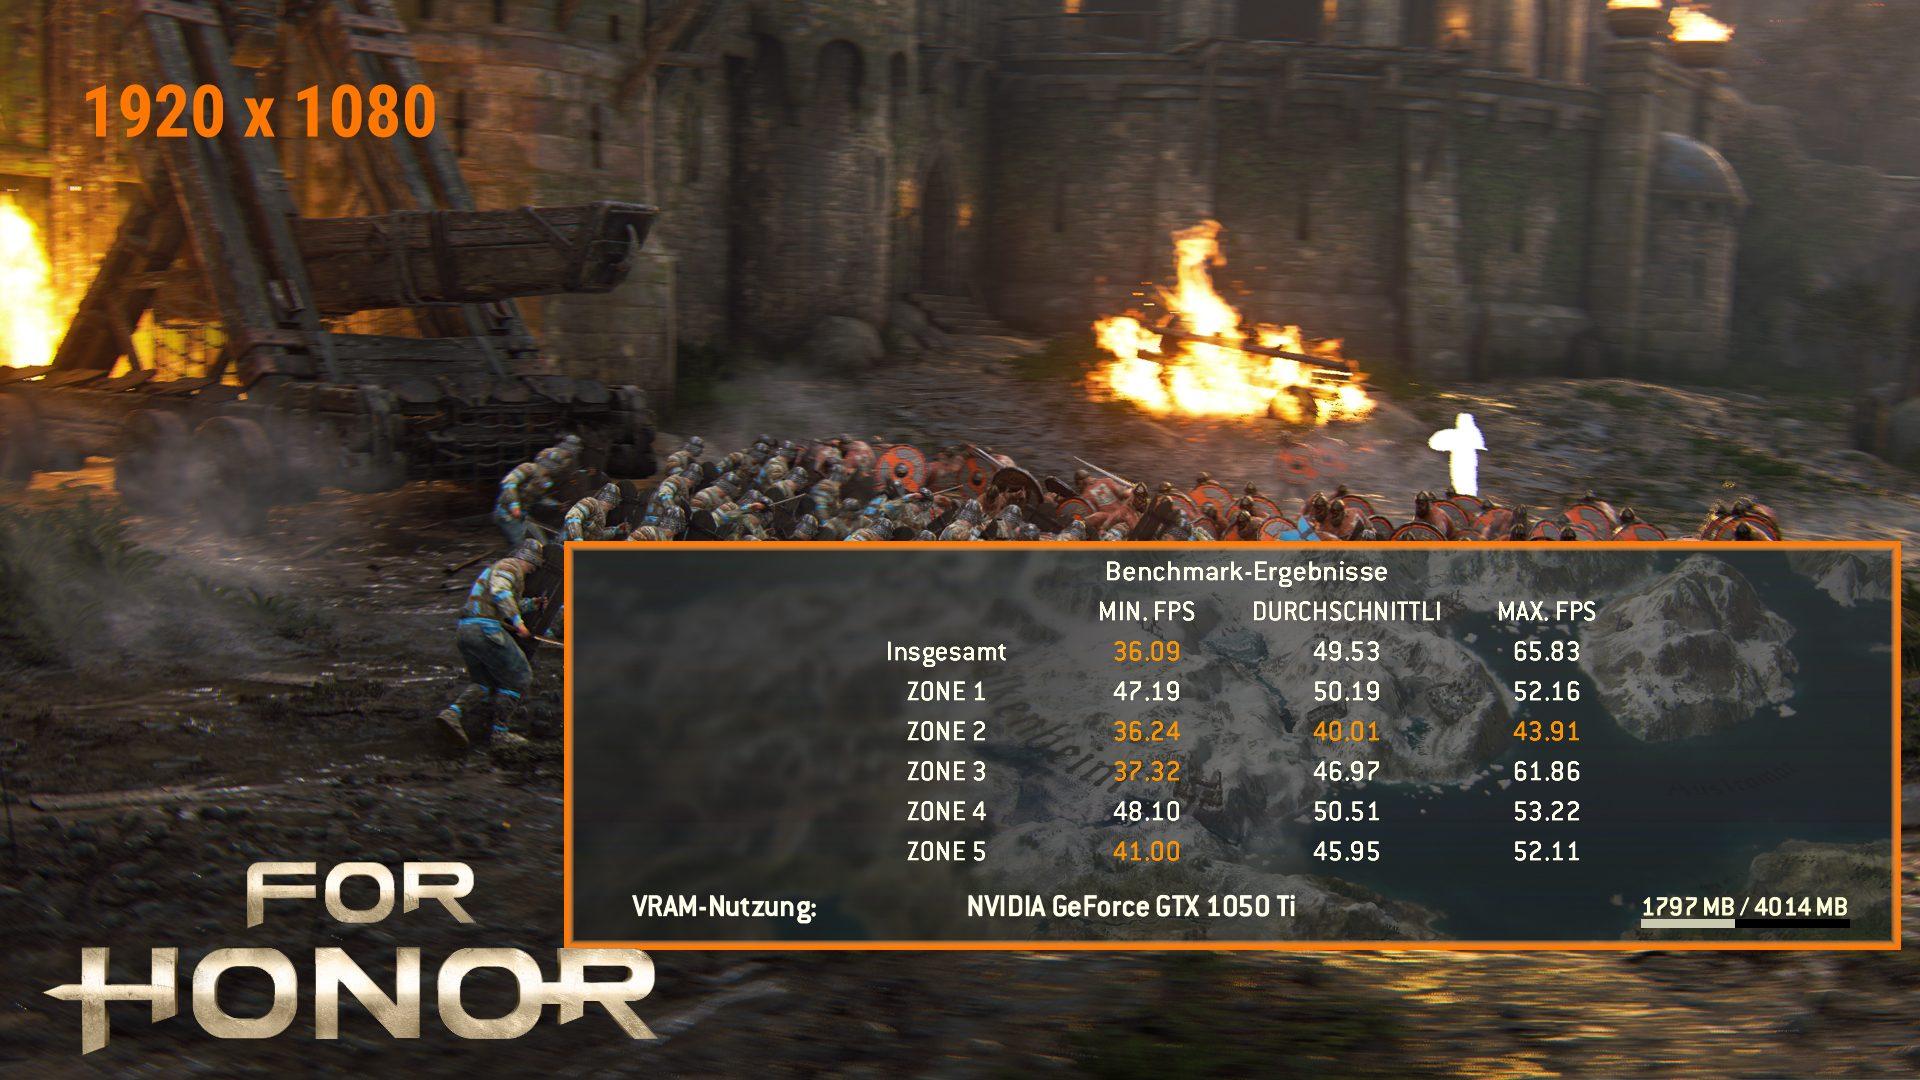 Schenker-XMGA507-NBB-qjz_Grafik-Spiele_2